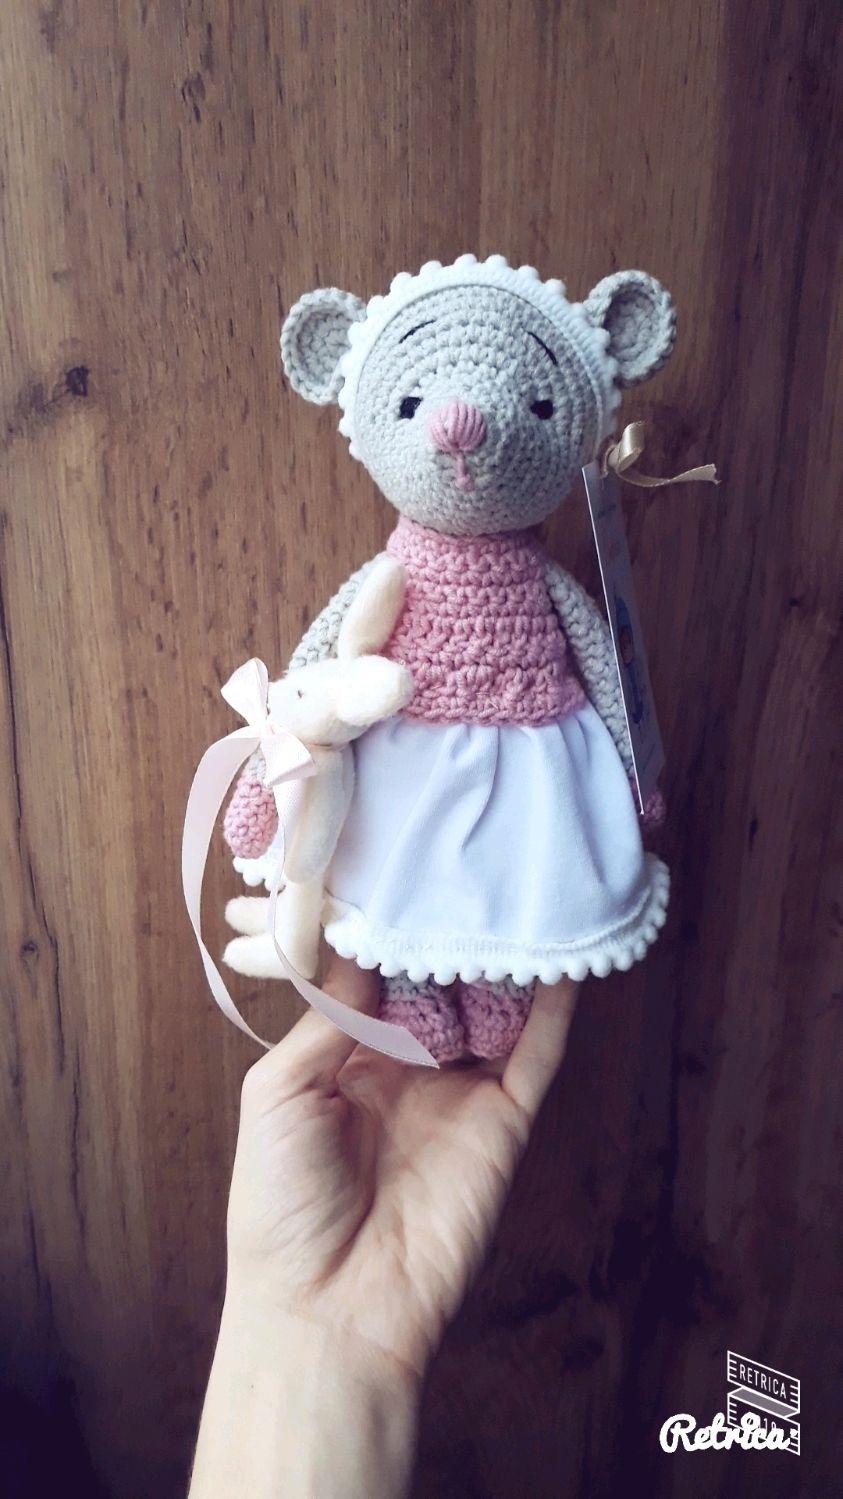 Мышка с зайкой, Игрушки, Краснодар, Фото №1